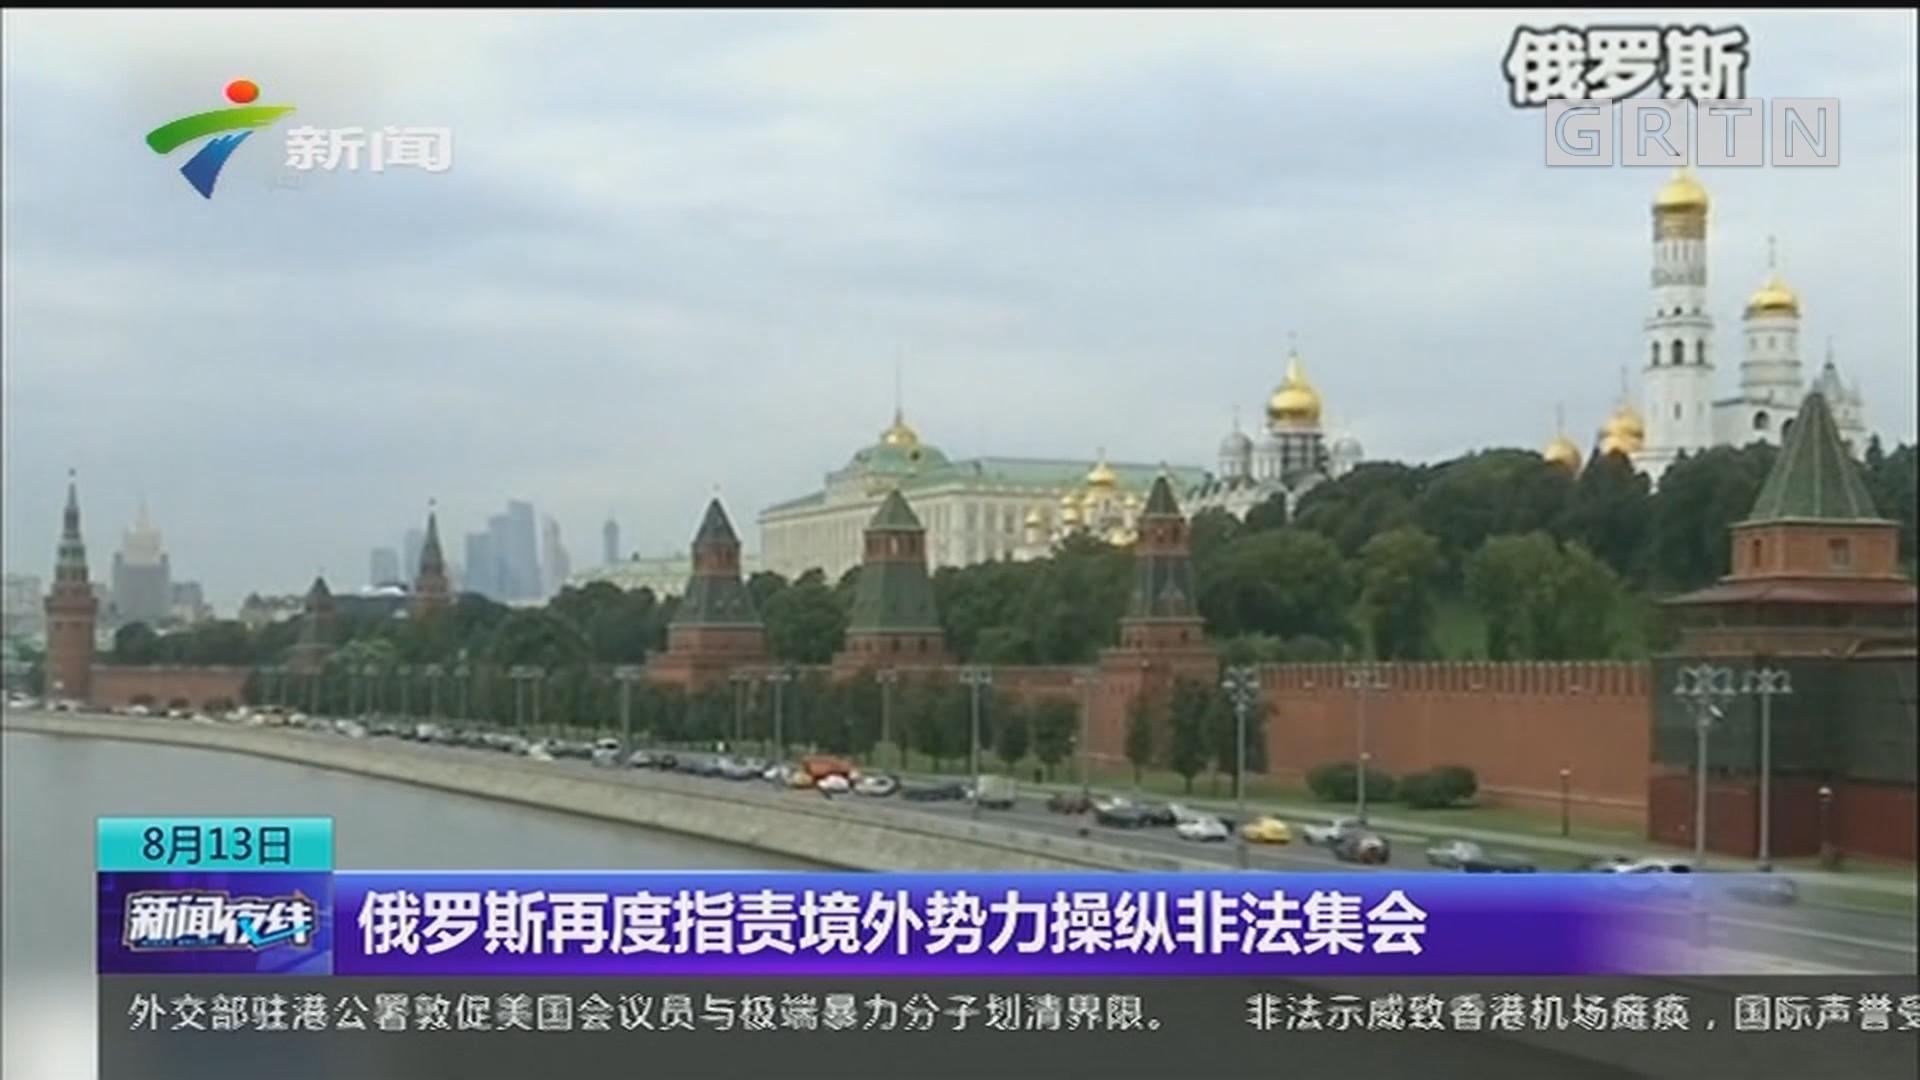 俄罗斯再度指责境外势力操纵非法集会